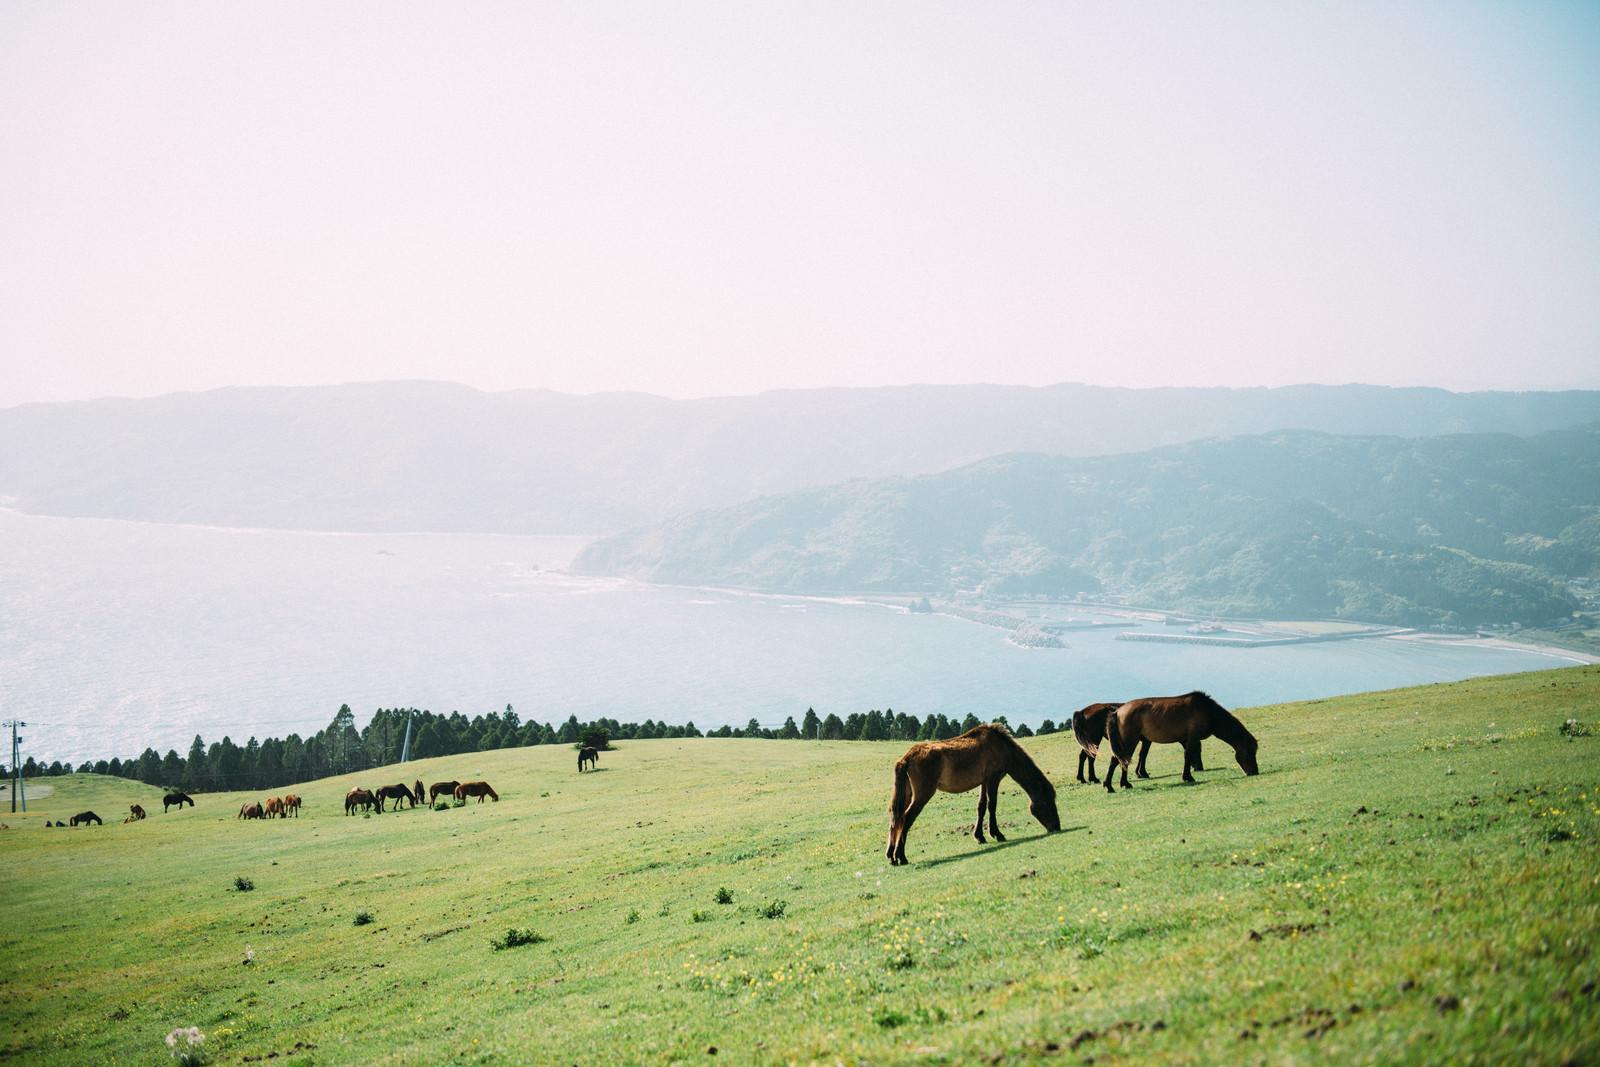 尻屋崎は青森のおすすめ観光スポット!開放的な馬の様子を見ながらのんびりしょう